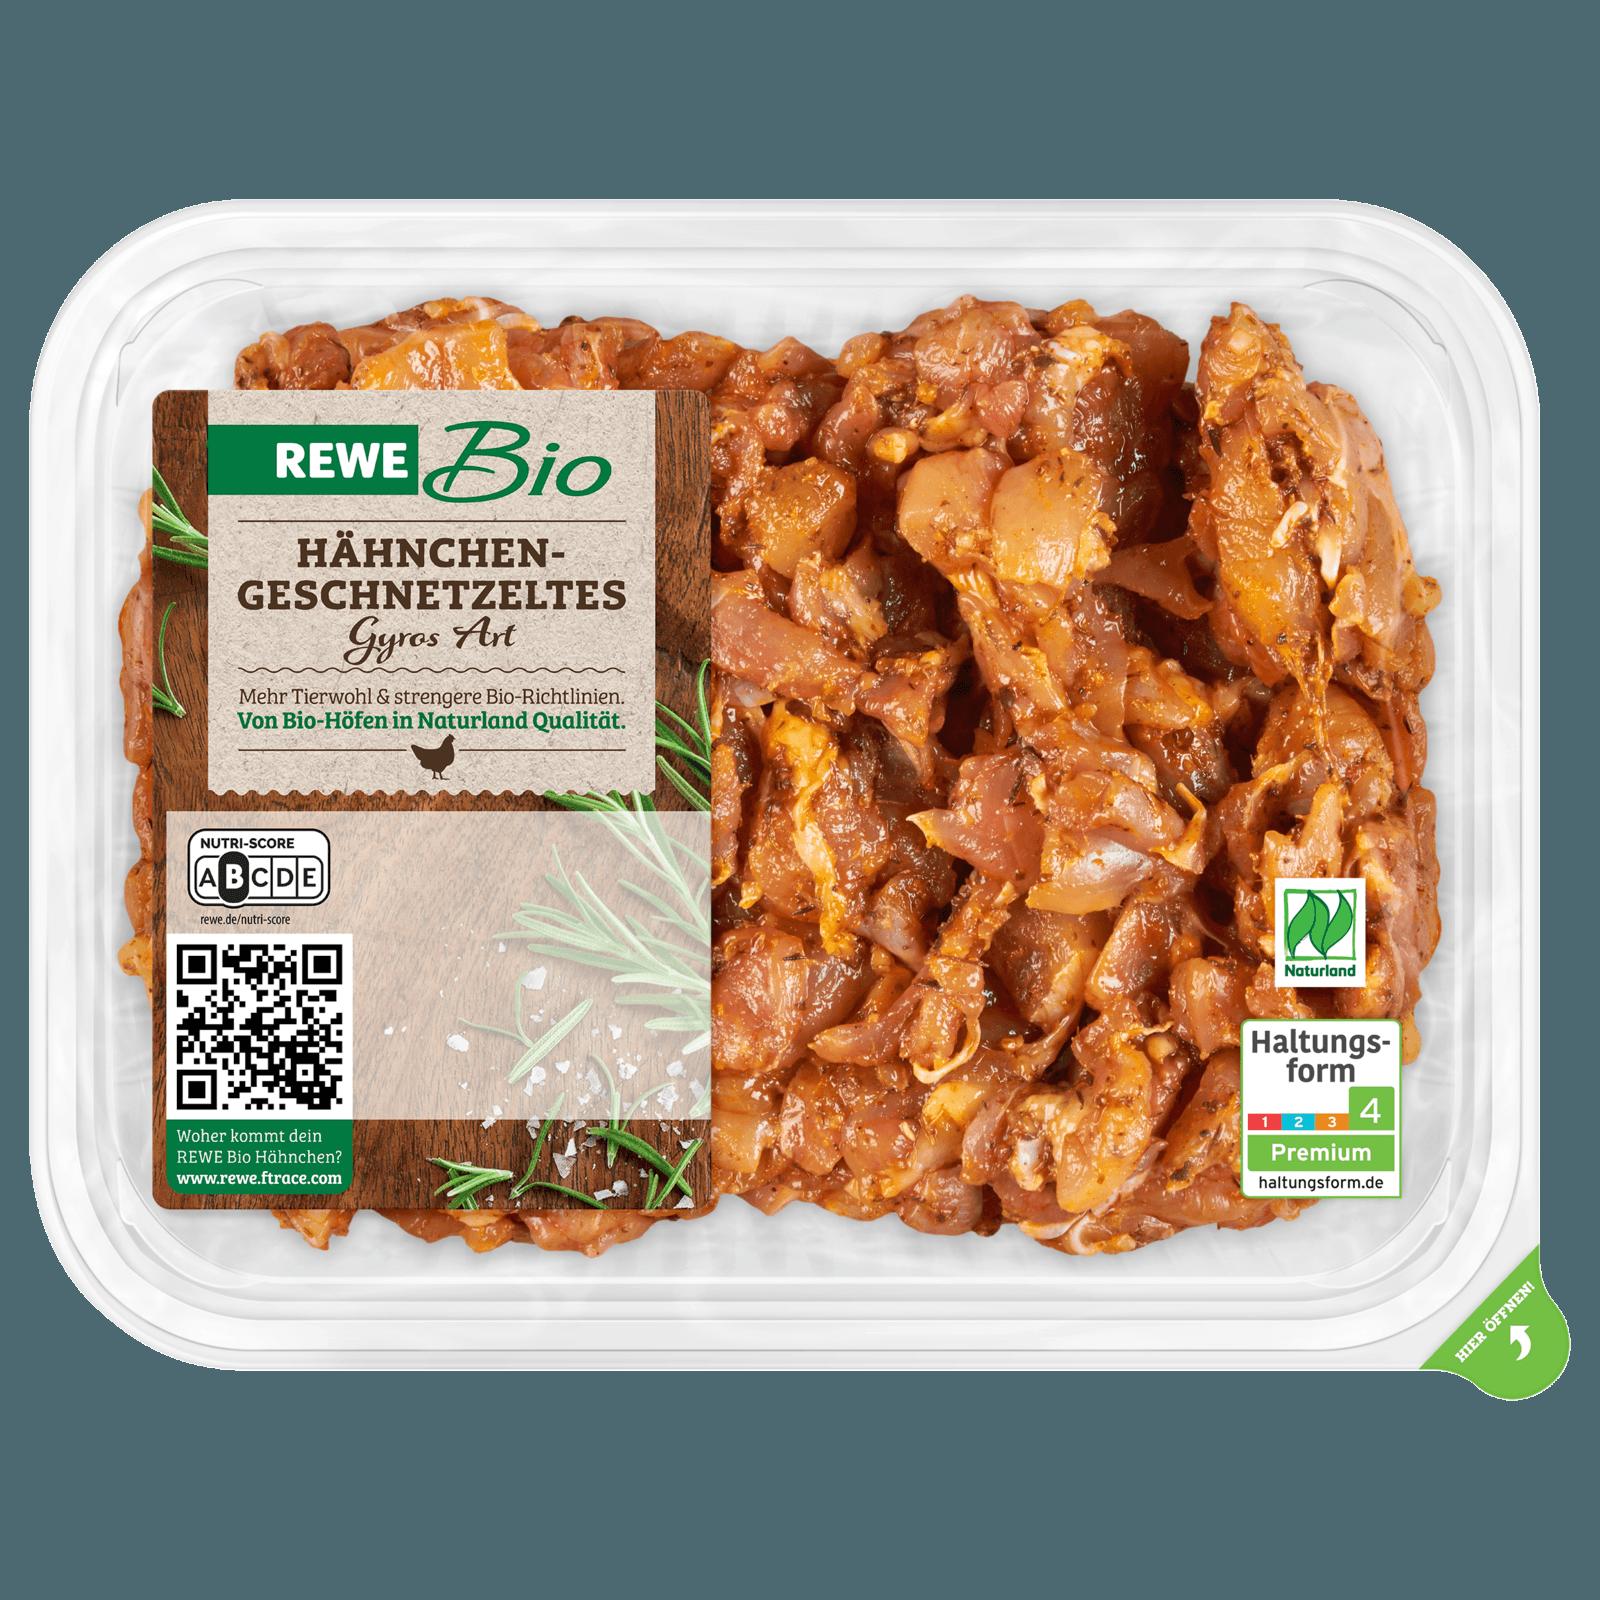 REWE Bio Hähnchengeschnetzeltes gewürzt 300g